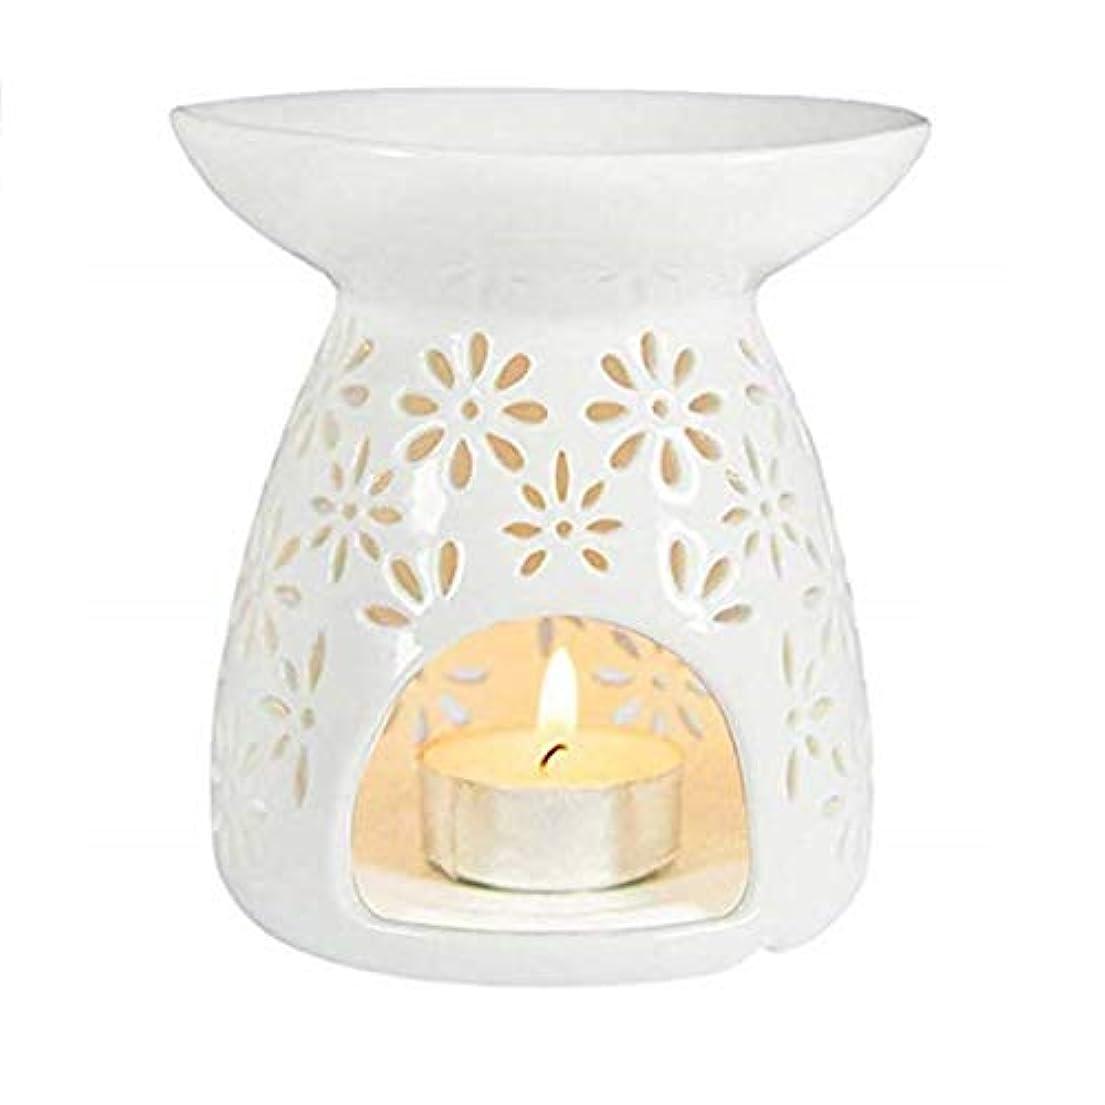 逆にペンダント気づかないシンプルモダン中空ラウンドセラミック香炉ホームフレグランスギフト装飾香ホルダーオイルバーナーティーライトホルダー (Color : White, サイズ : 3.74*3.93inchs)